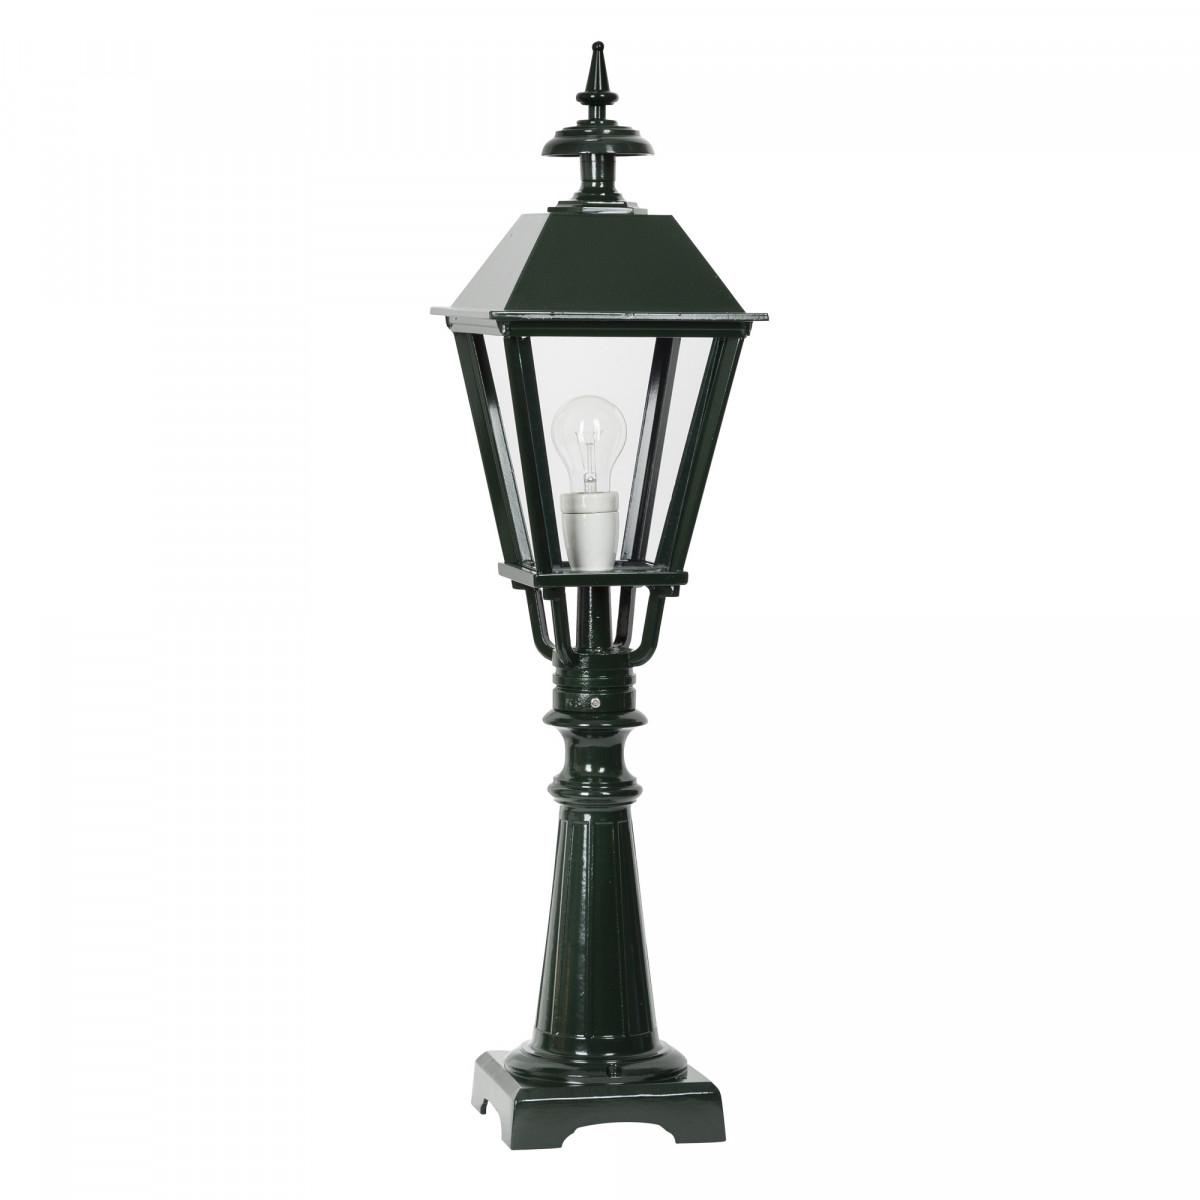 Glasgow (5039) - KS Verlichting - Buitenverlichting Vierkant